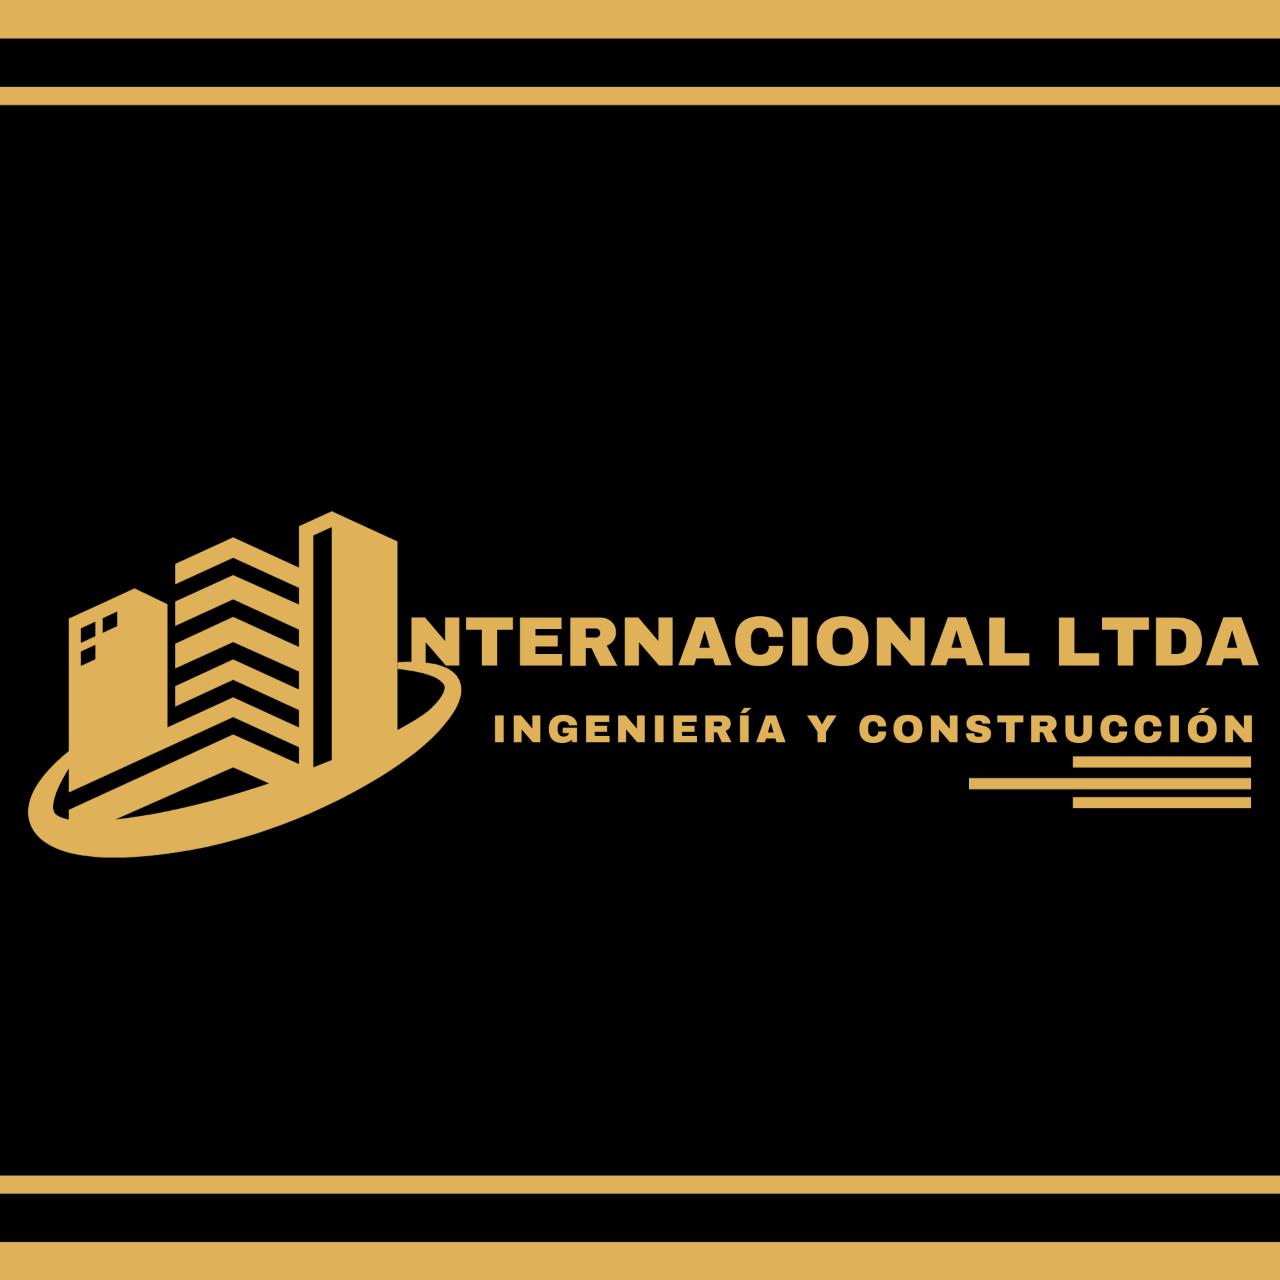 Internacional Ingeniería y Construcción LTDA